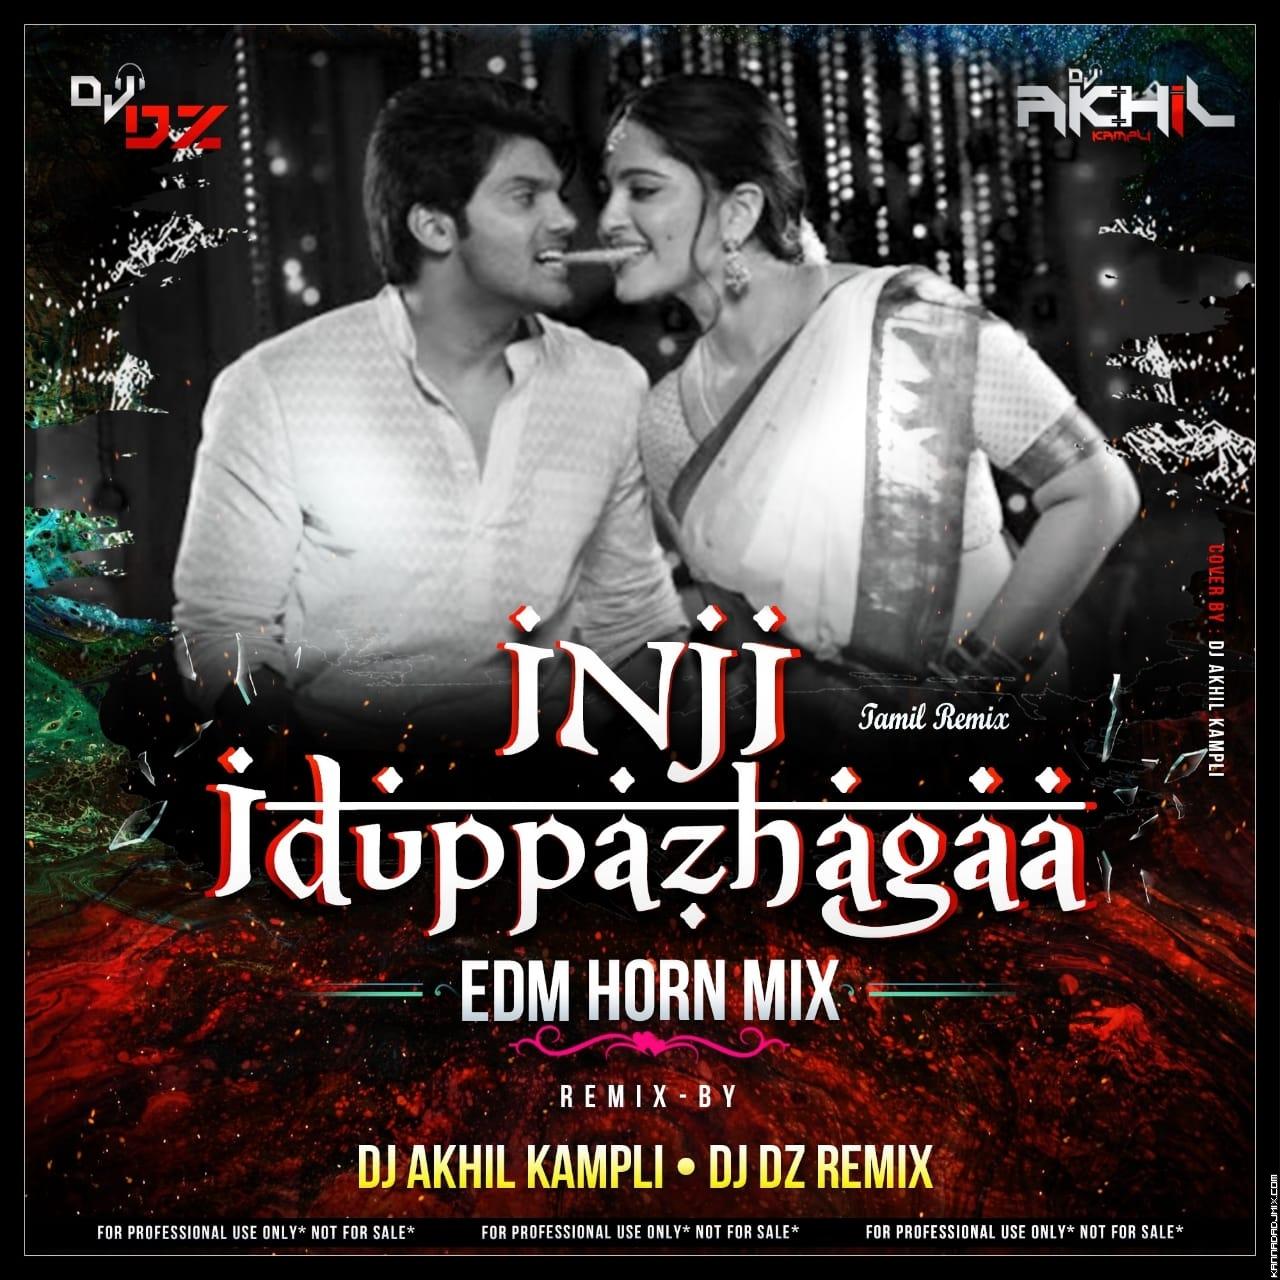 INJI-IDUPPAZHAGAA-EDM-HORN-MIX-DJ-AKHIL KAMPLI X DJ DZ REMIX.mp3